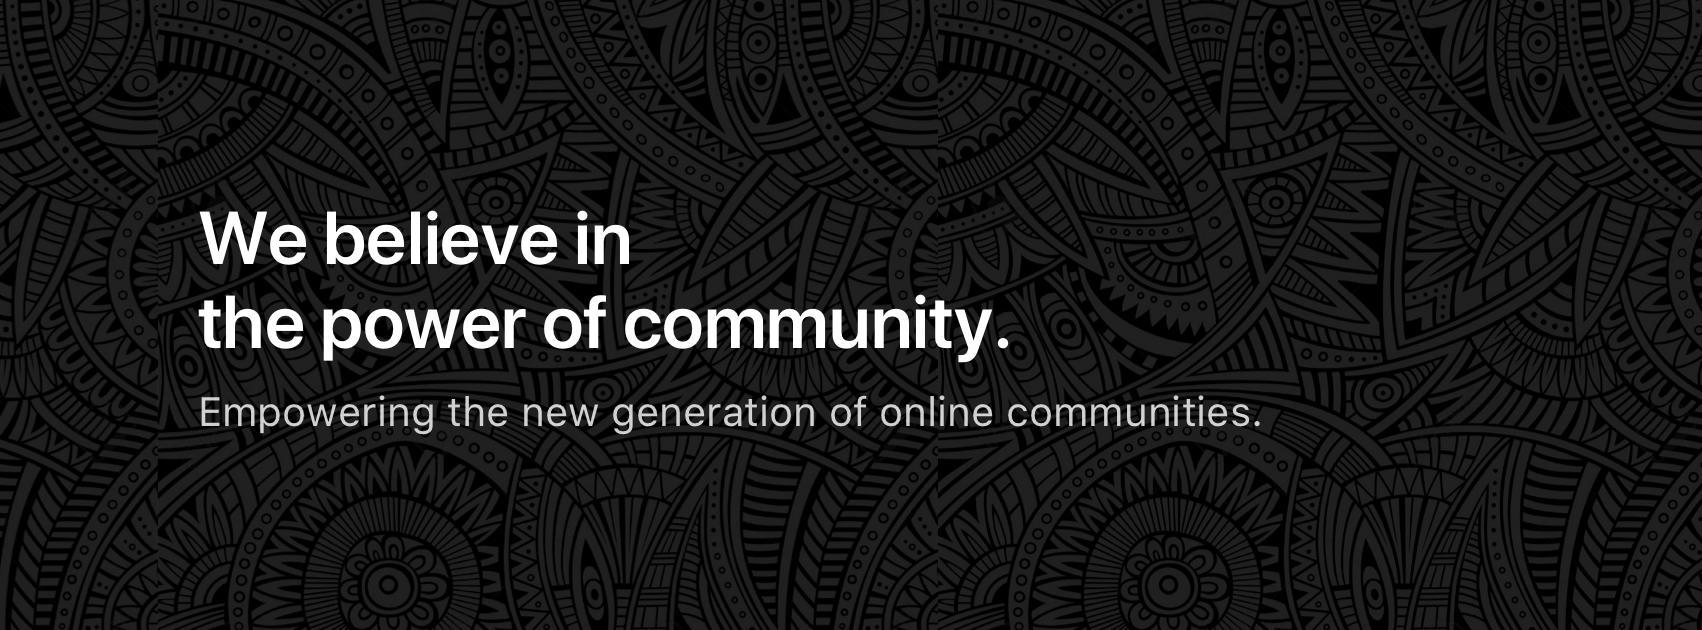 Recensioni Tribe Community Platform: Piattaforma personalizzabile per creare una community online - Appvizer